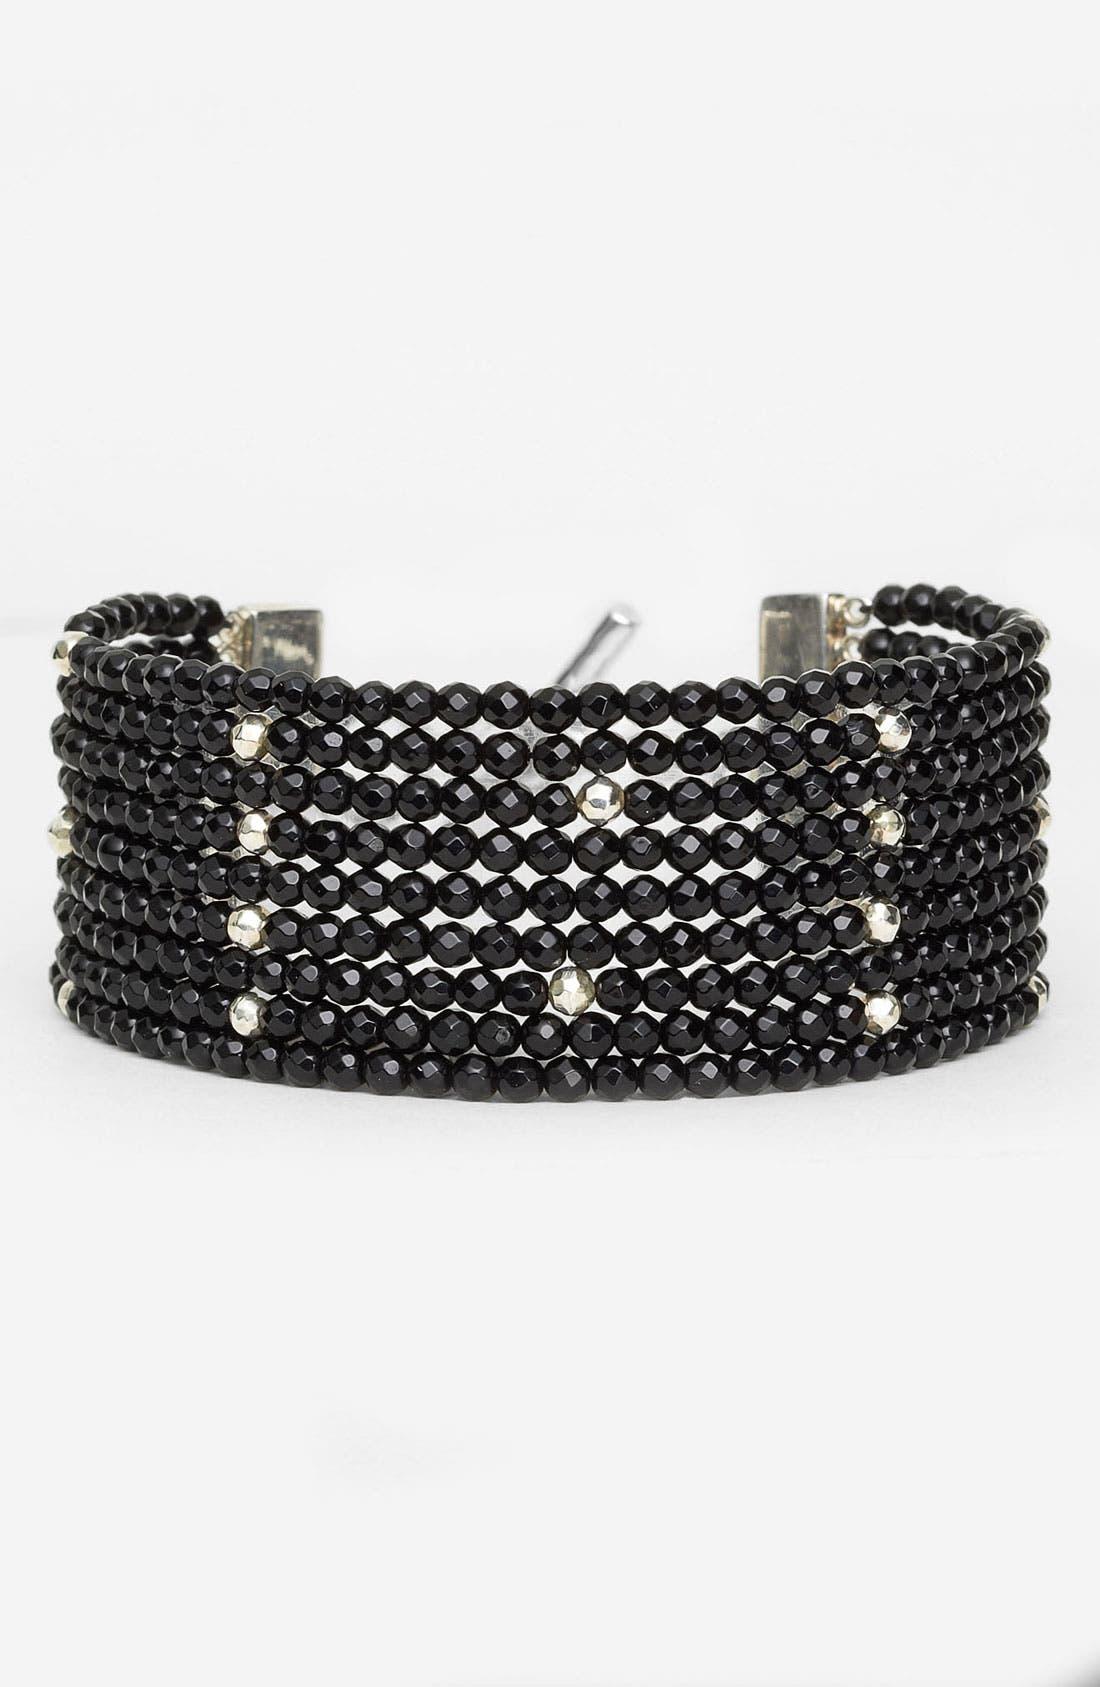 Alternate Image 1 Selected - Lois Hill Multistrand Bead Bracelet